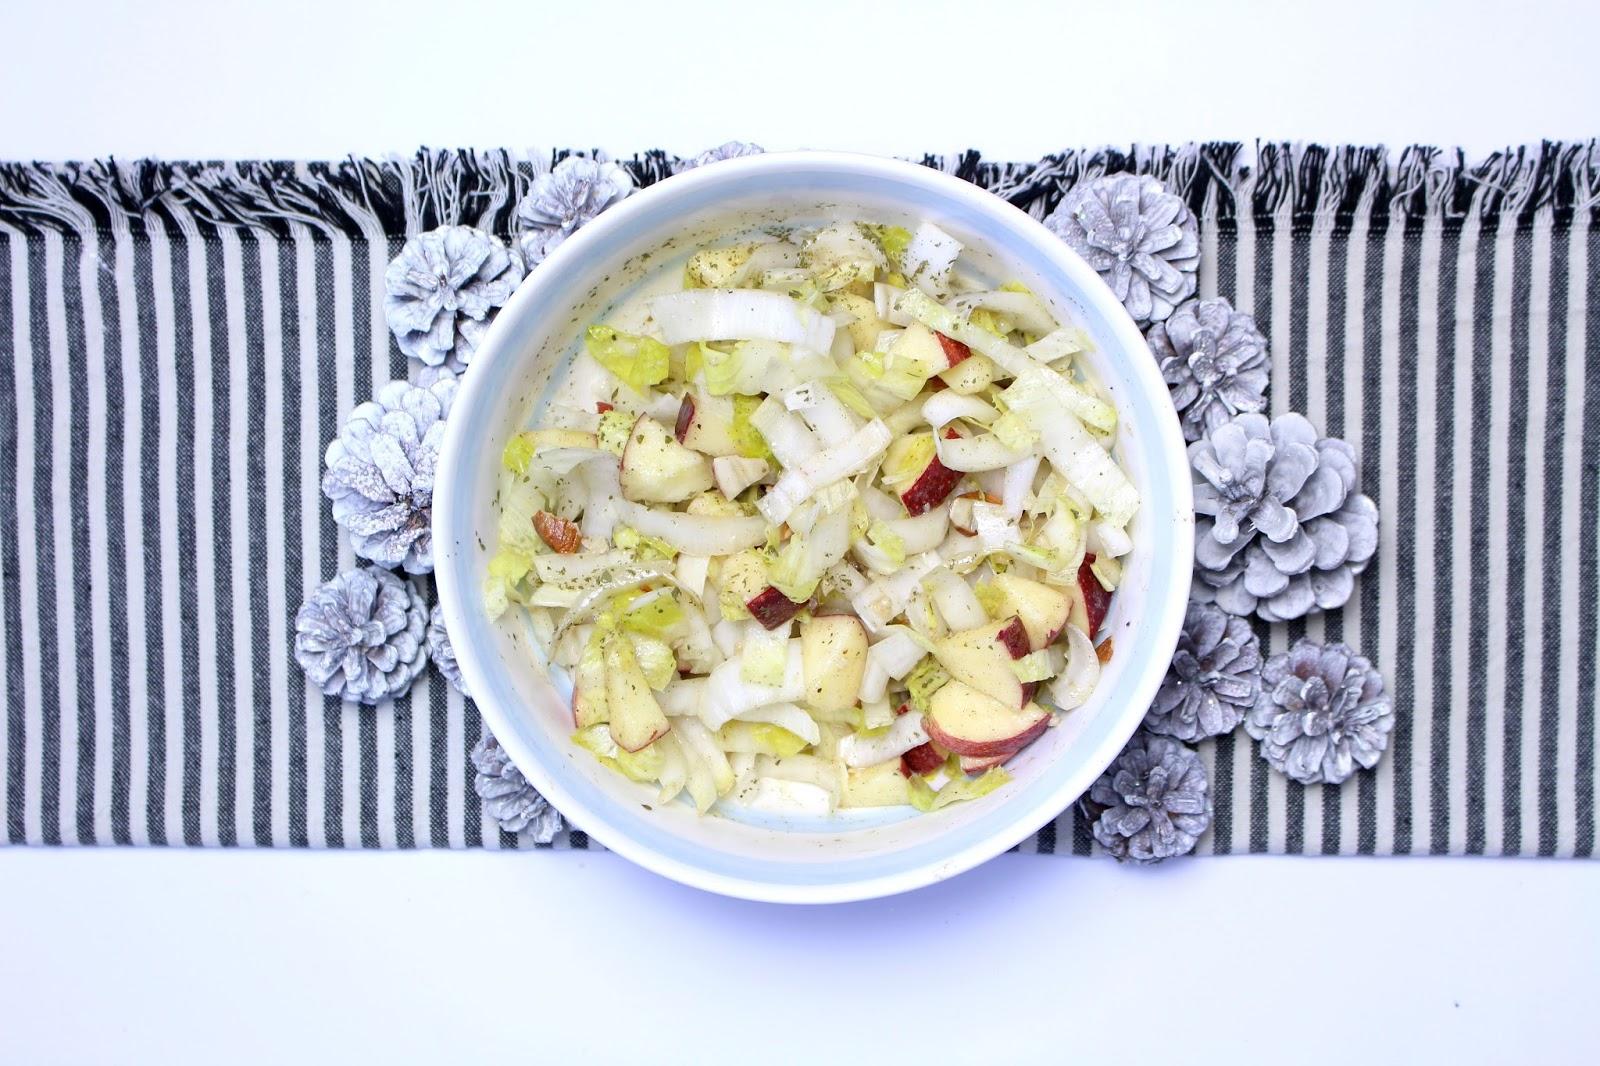 Salade d'endives salé sucré